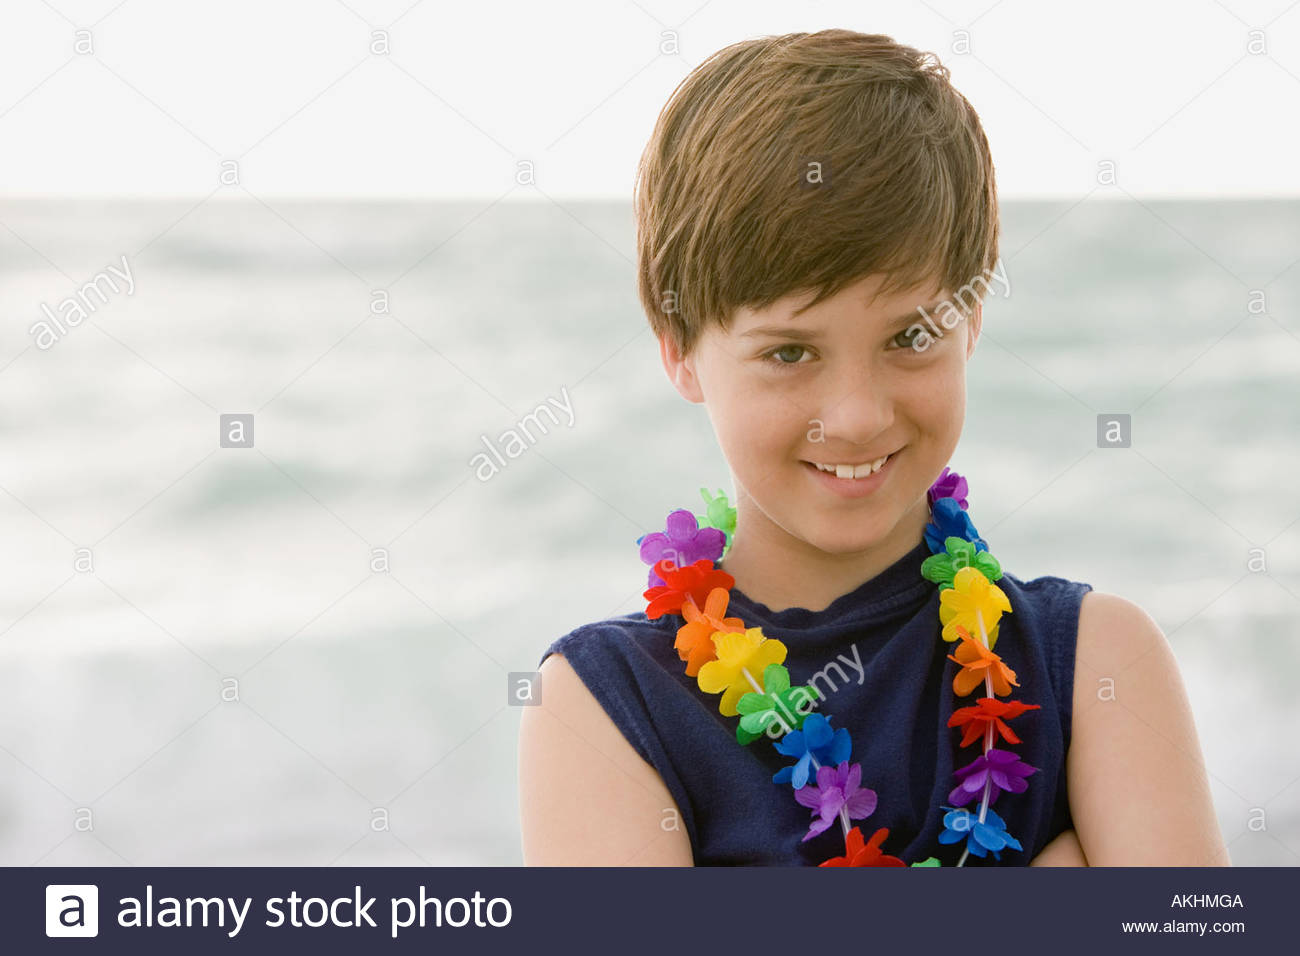 Mischievous looking boy - Stock Image